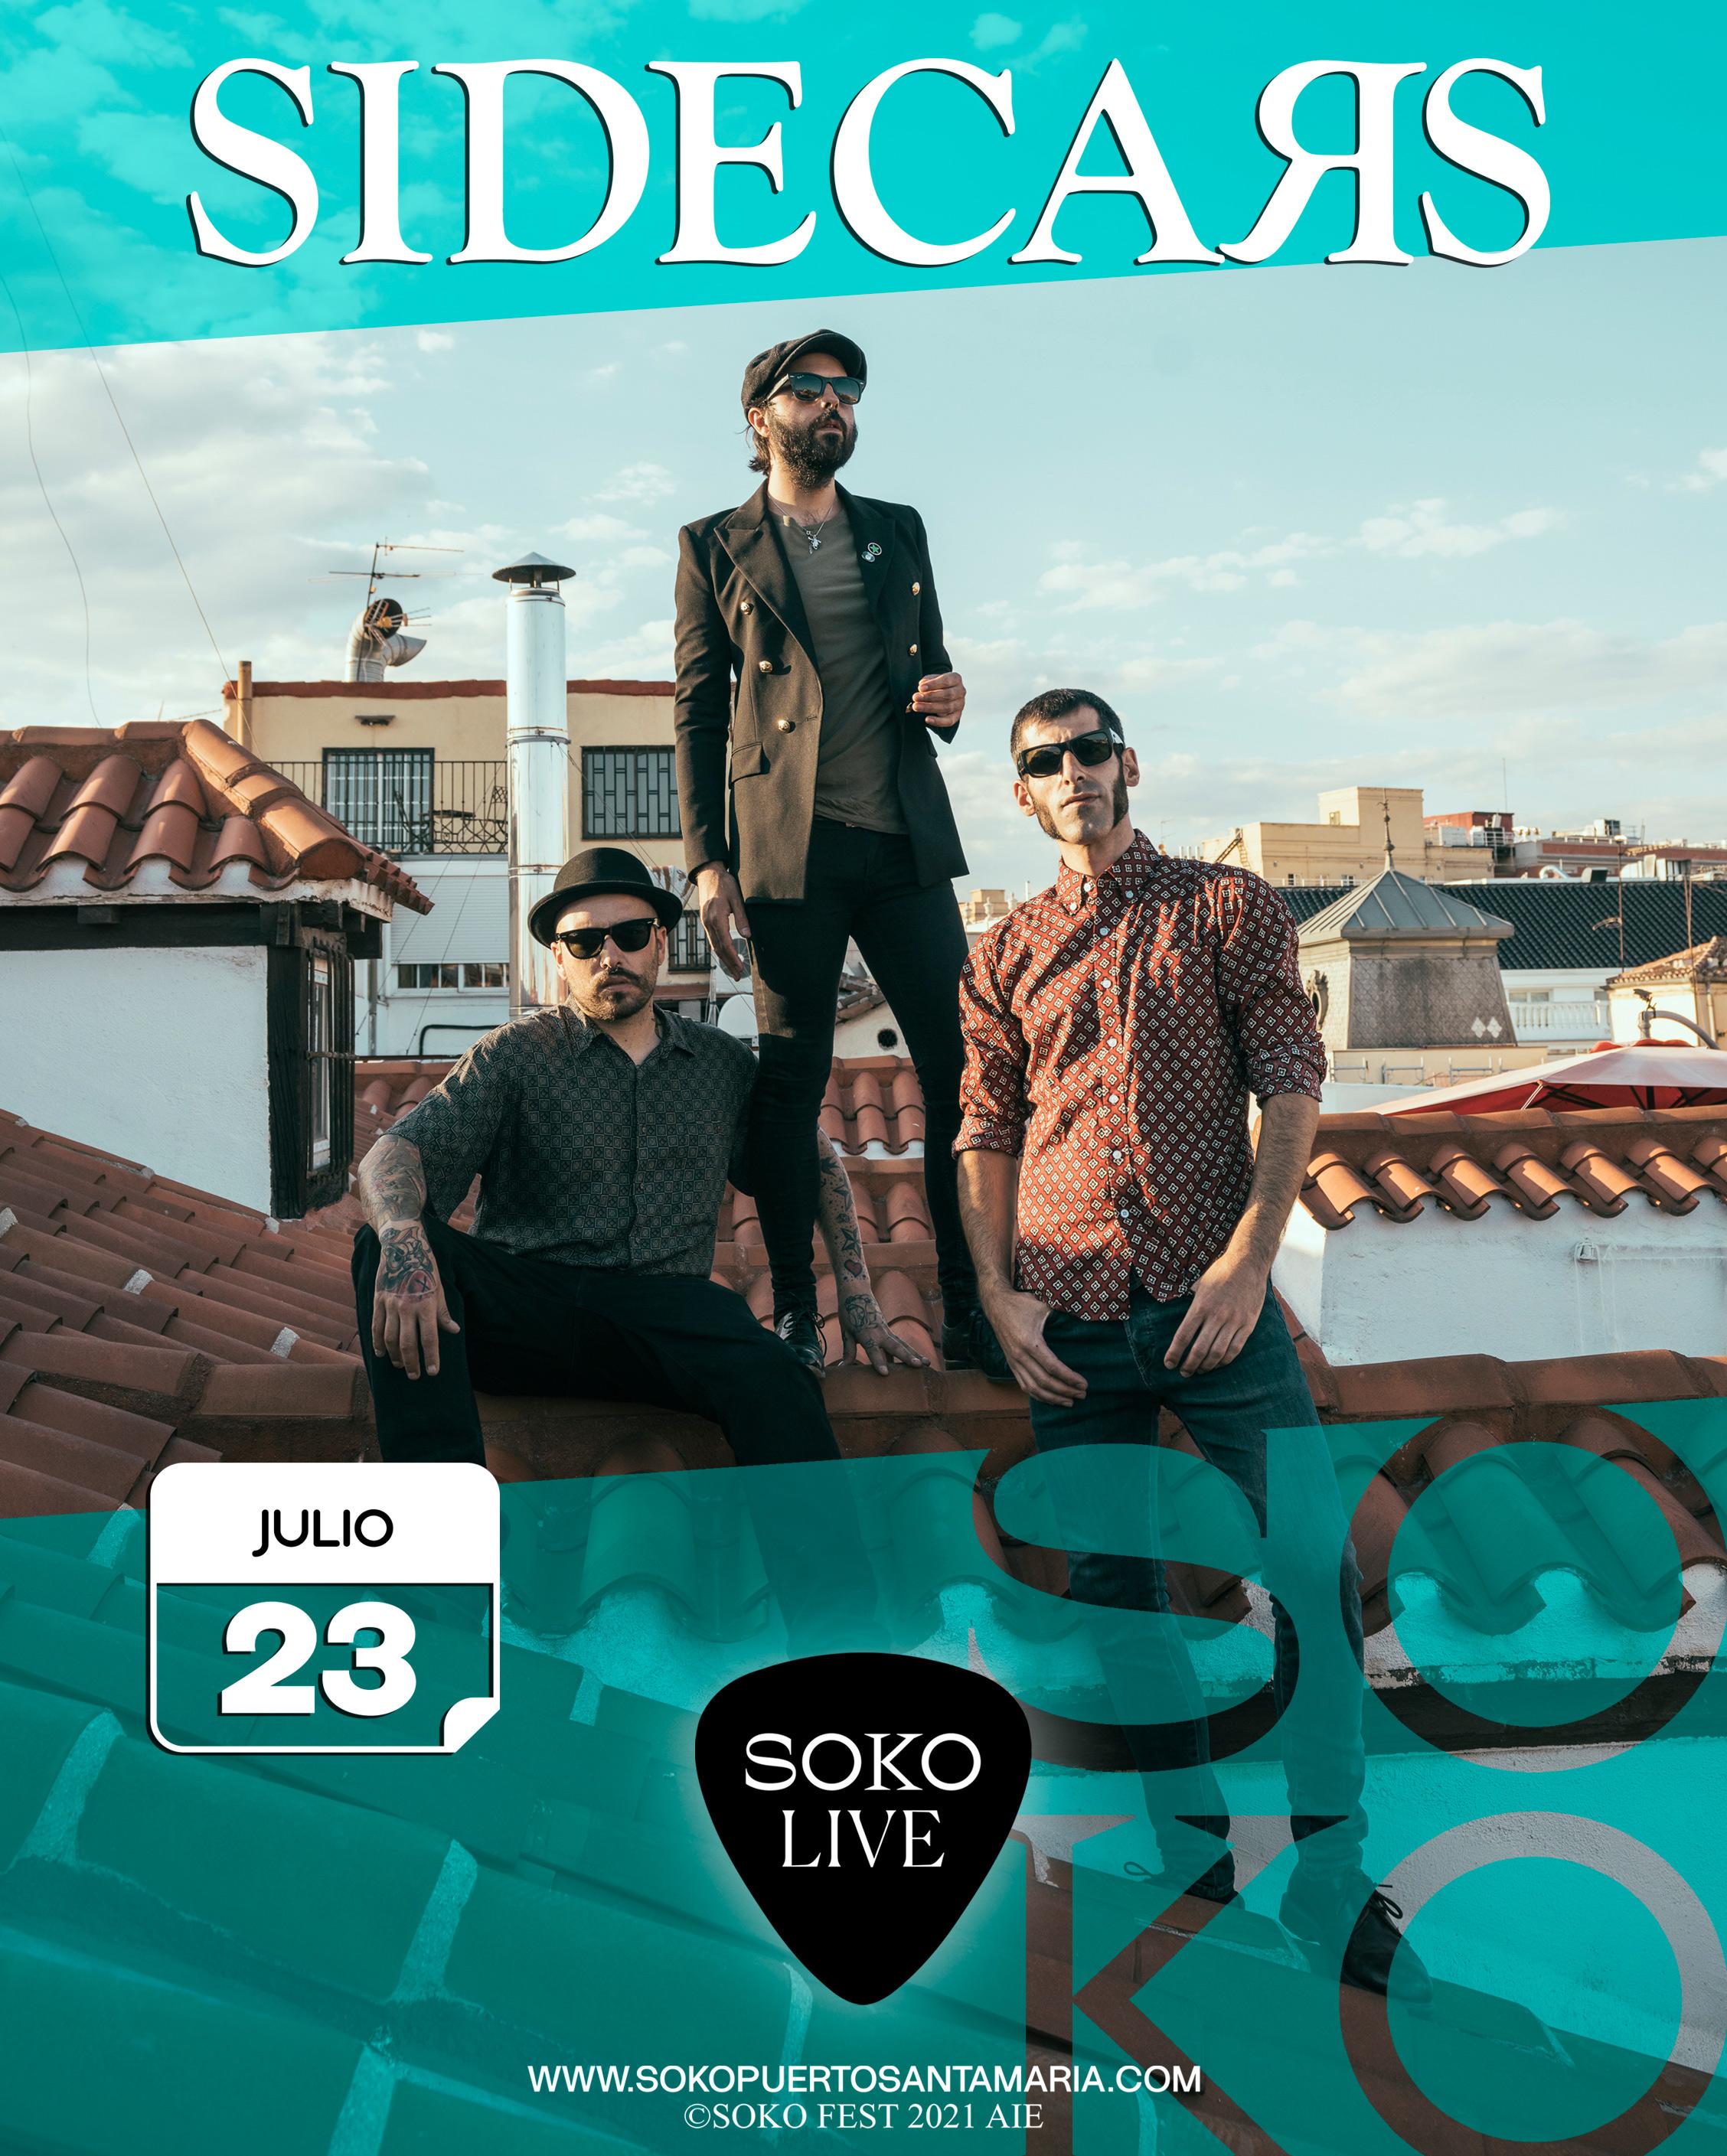 sidecars-soko-fest-viernes-23-julio-6076b0d1193d6.jpeg